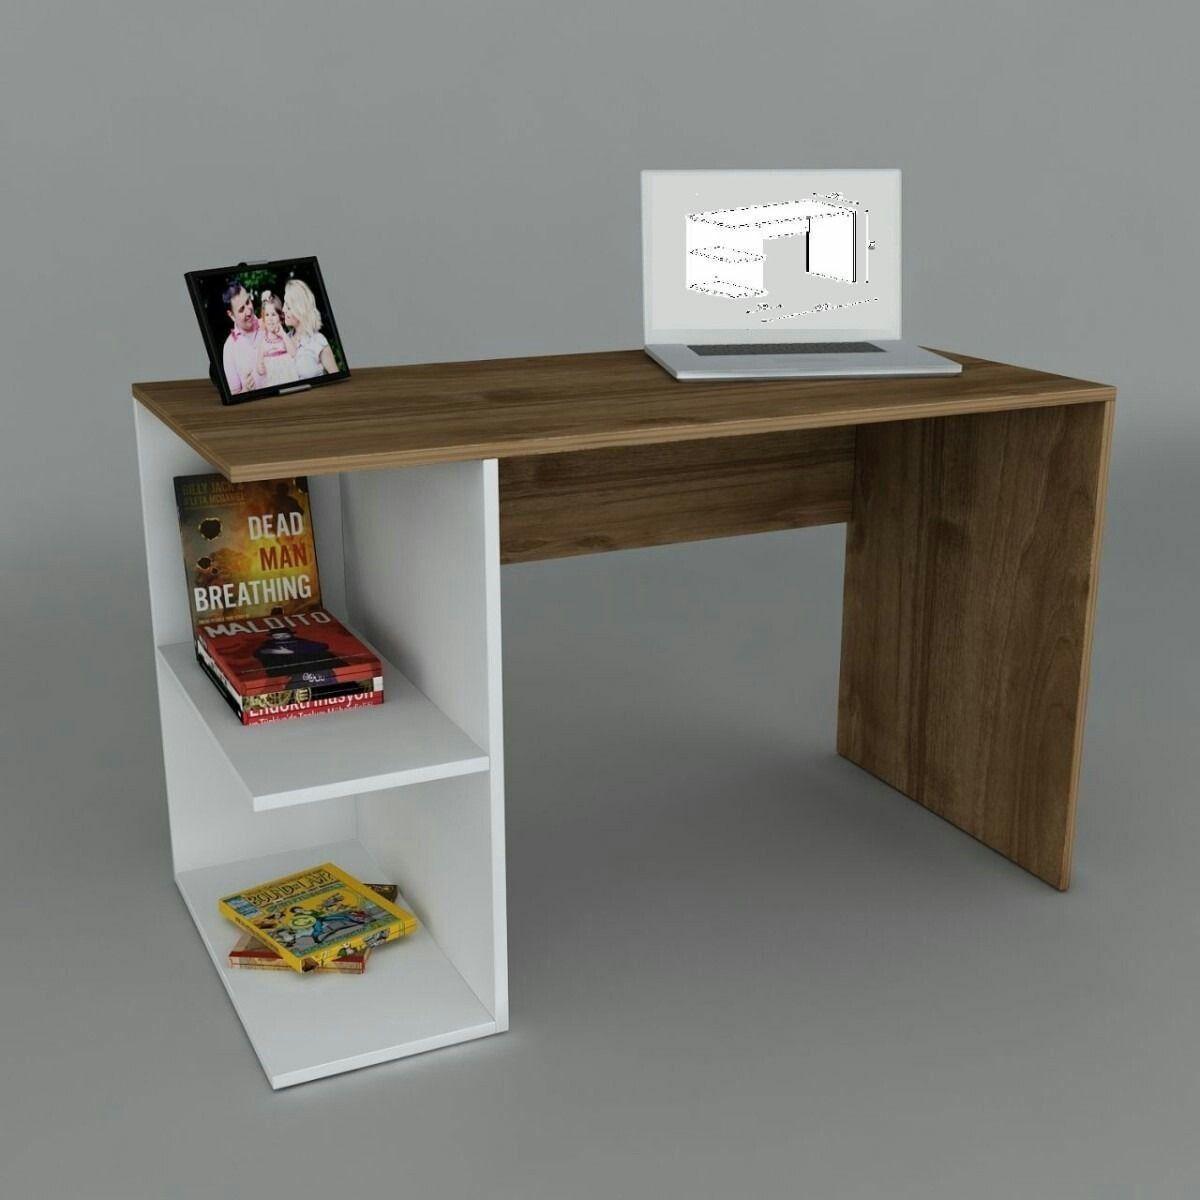 Mueble de melamina muebles pinterest desks for Muebles de melamina